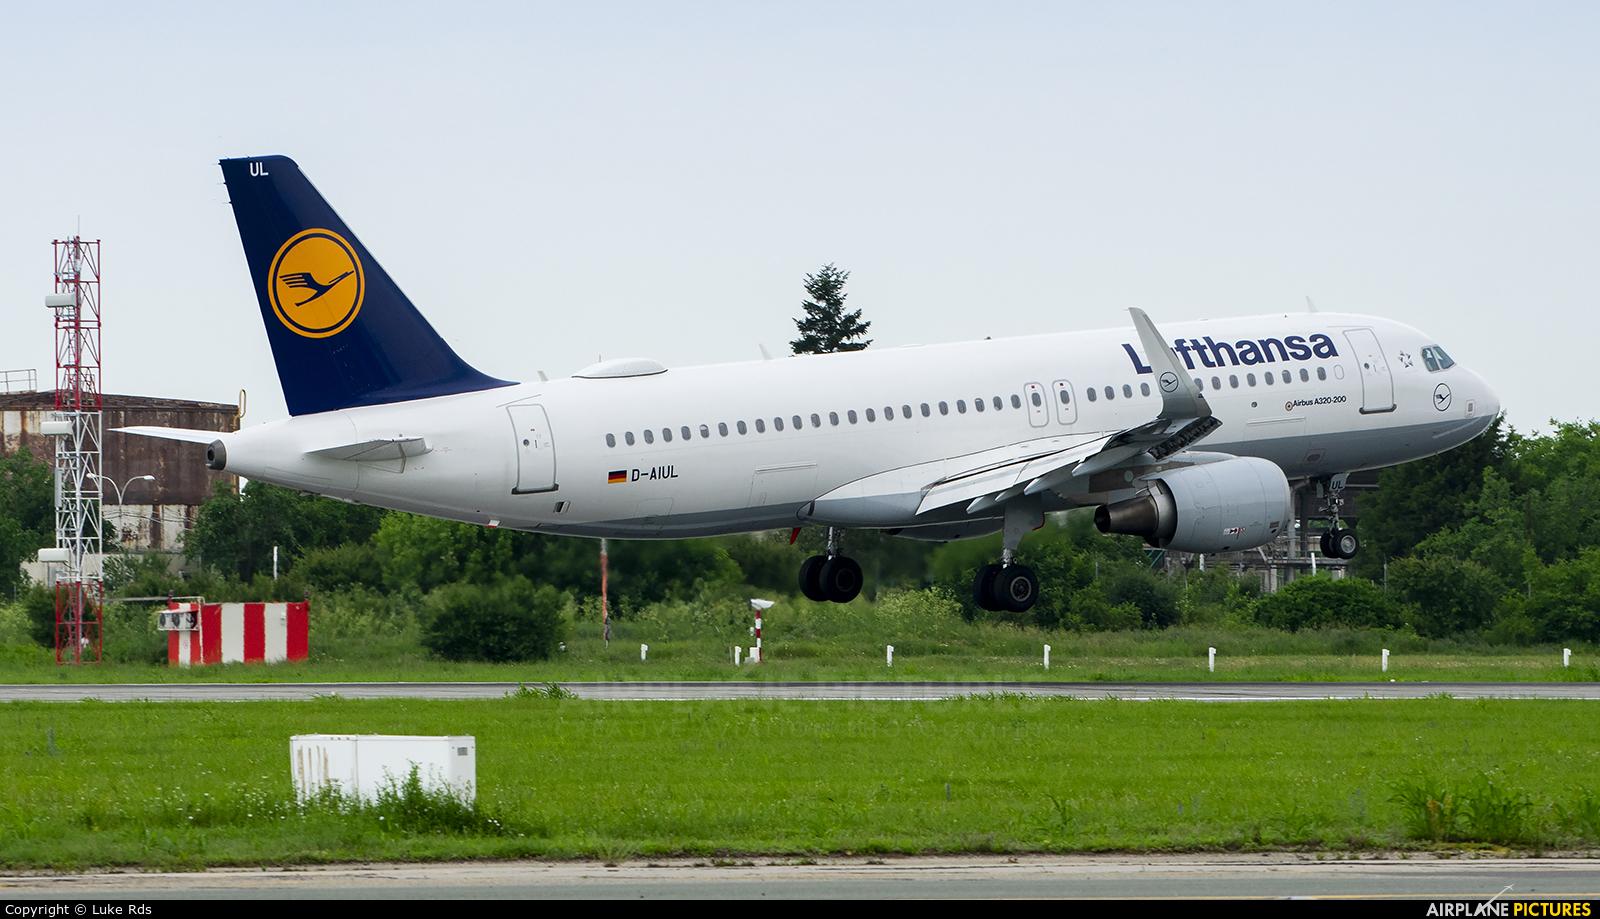 Lufthansa D-AIUL aircraft at Bucharest - Henri Coandă